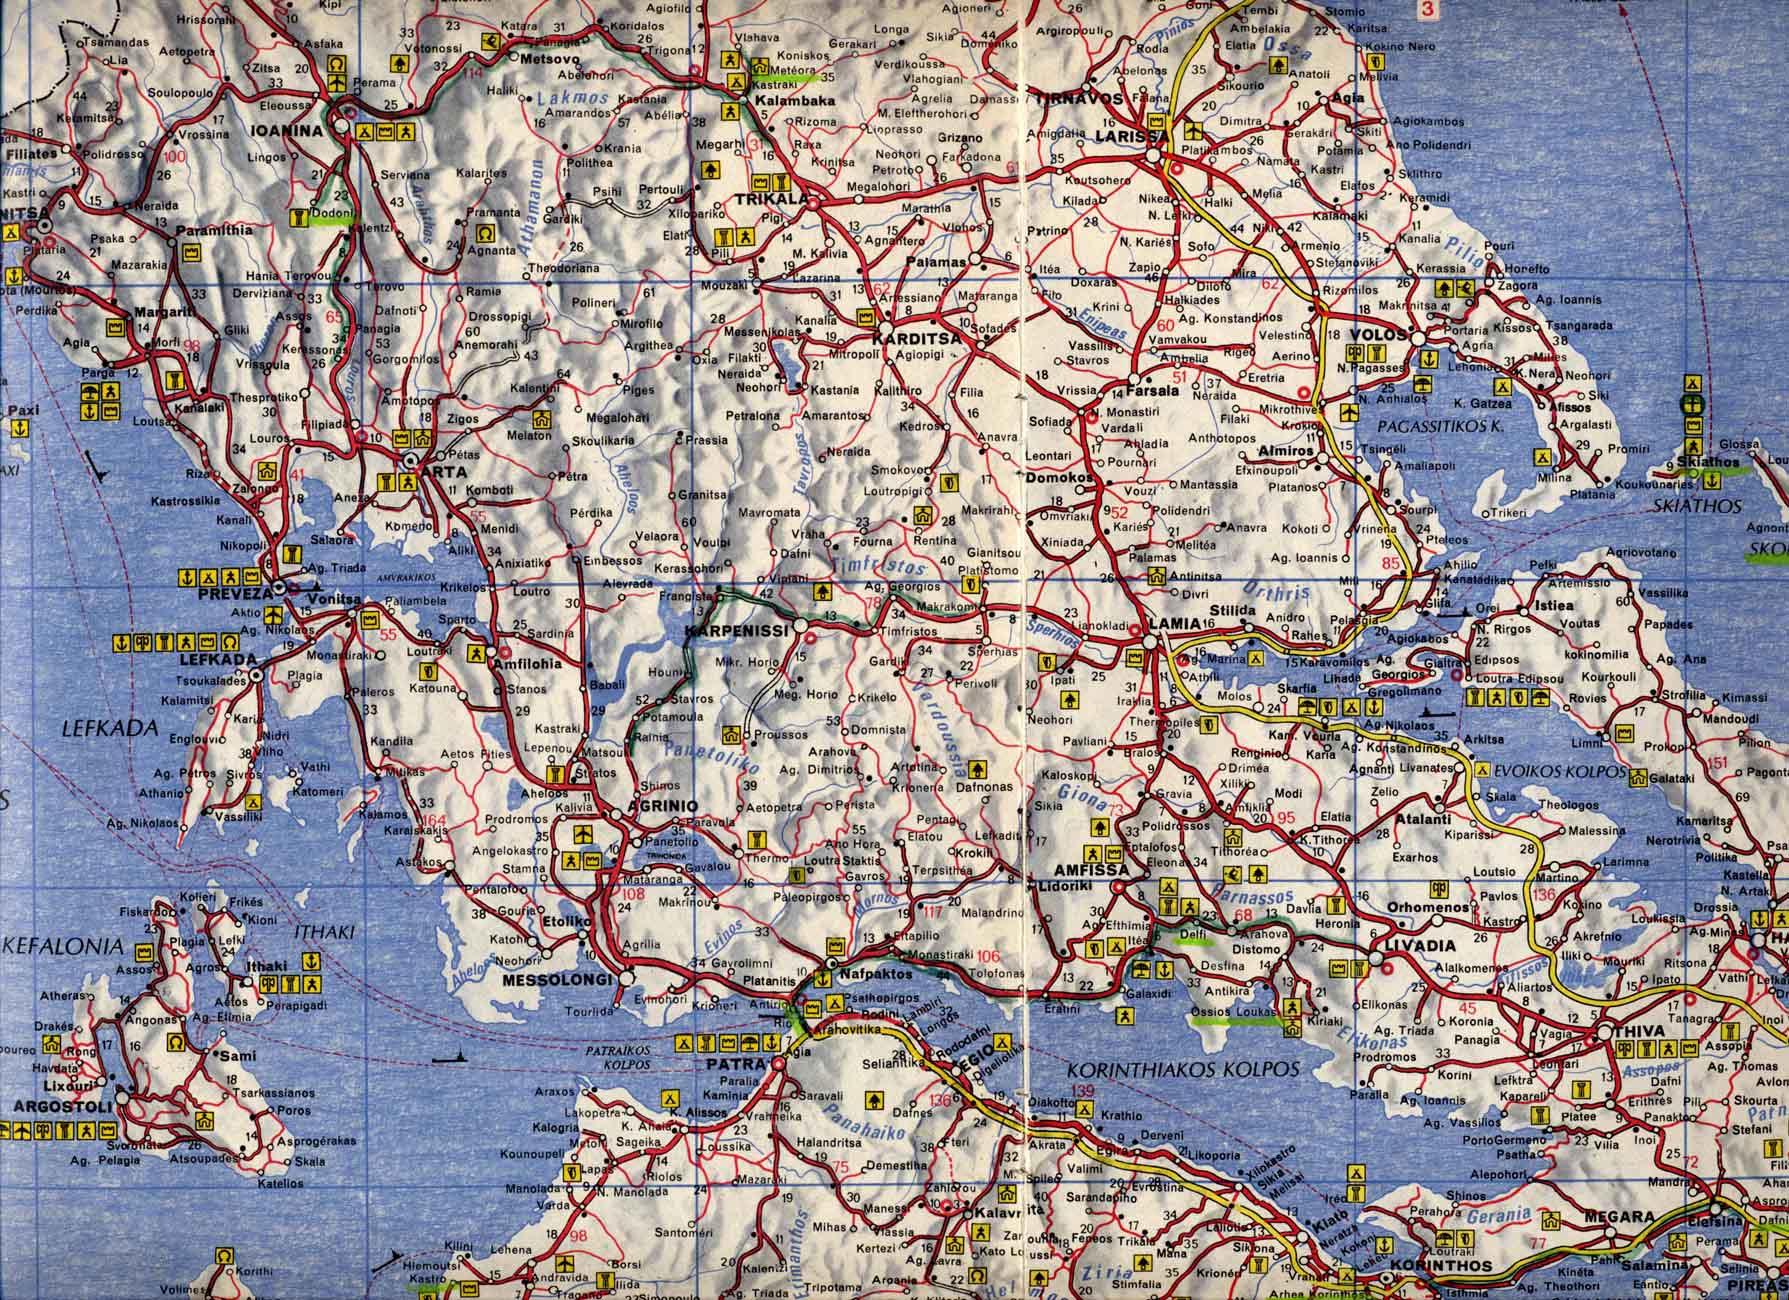 Maps: Maps